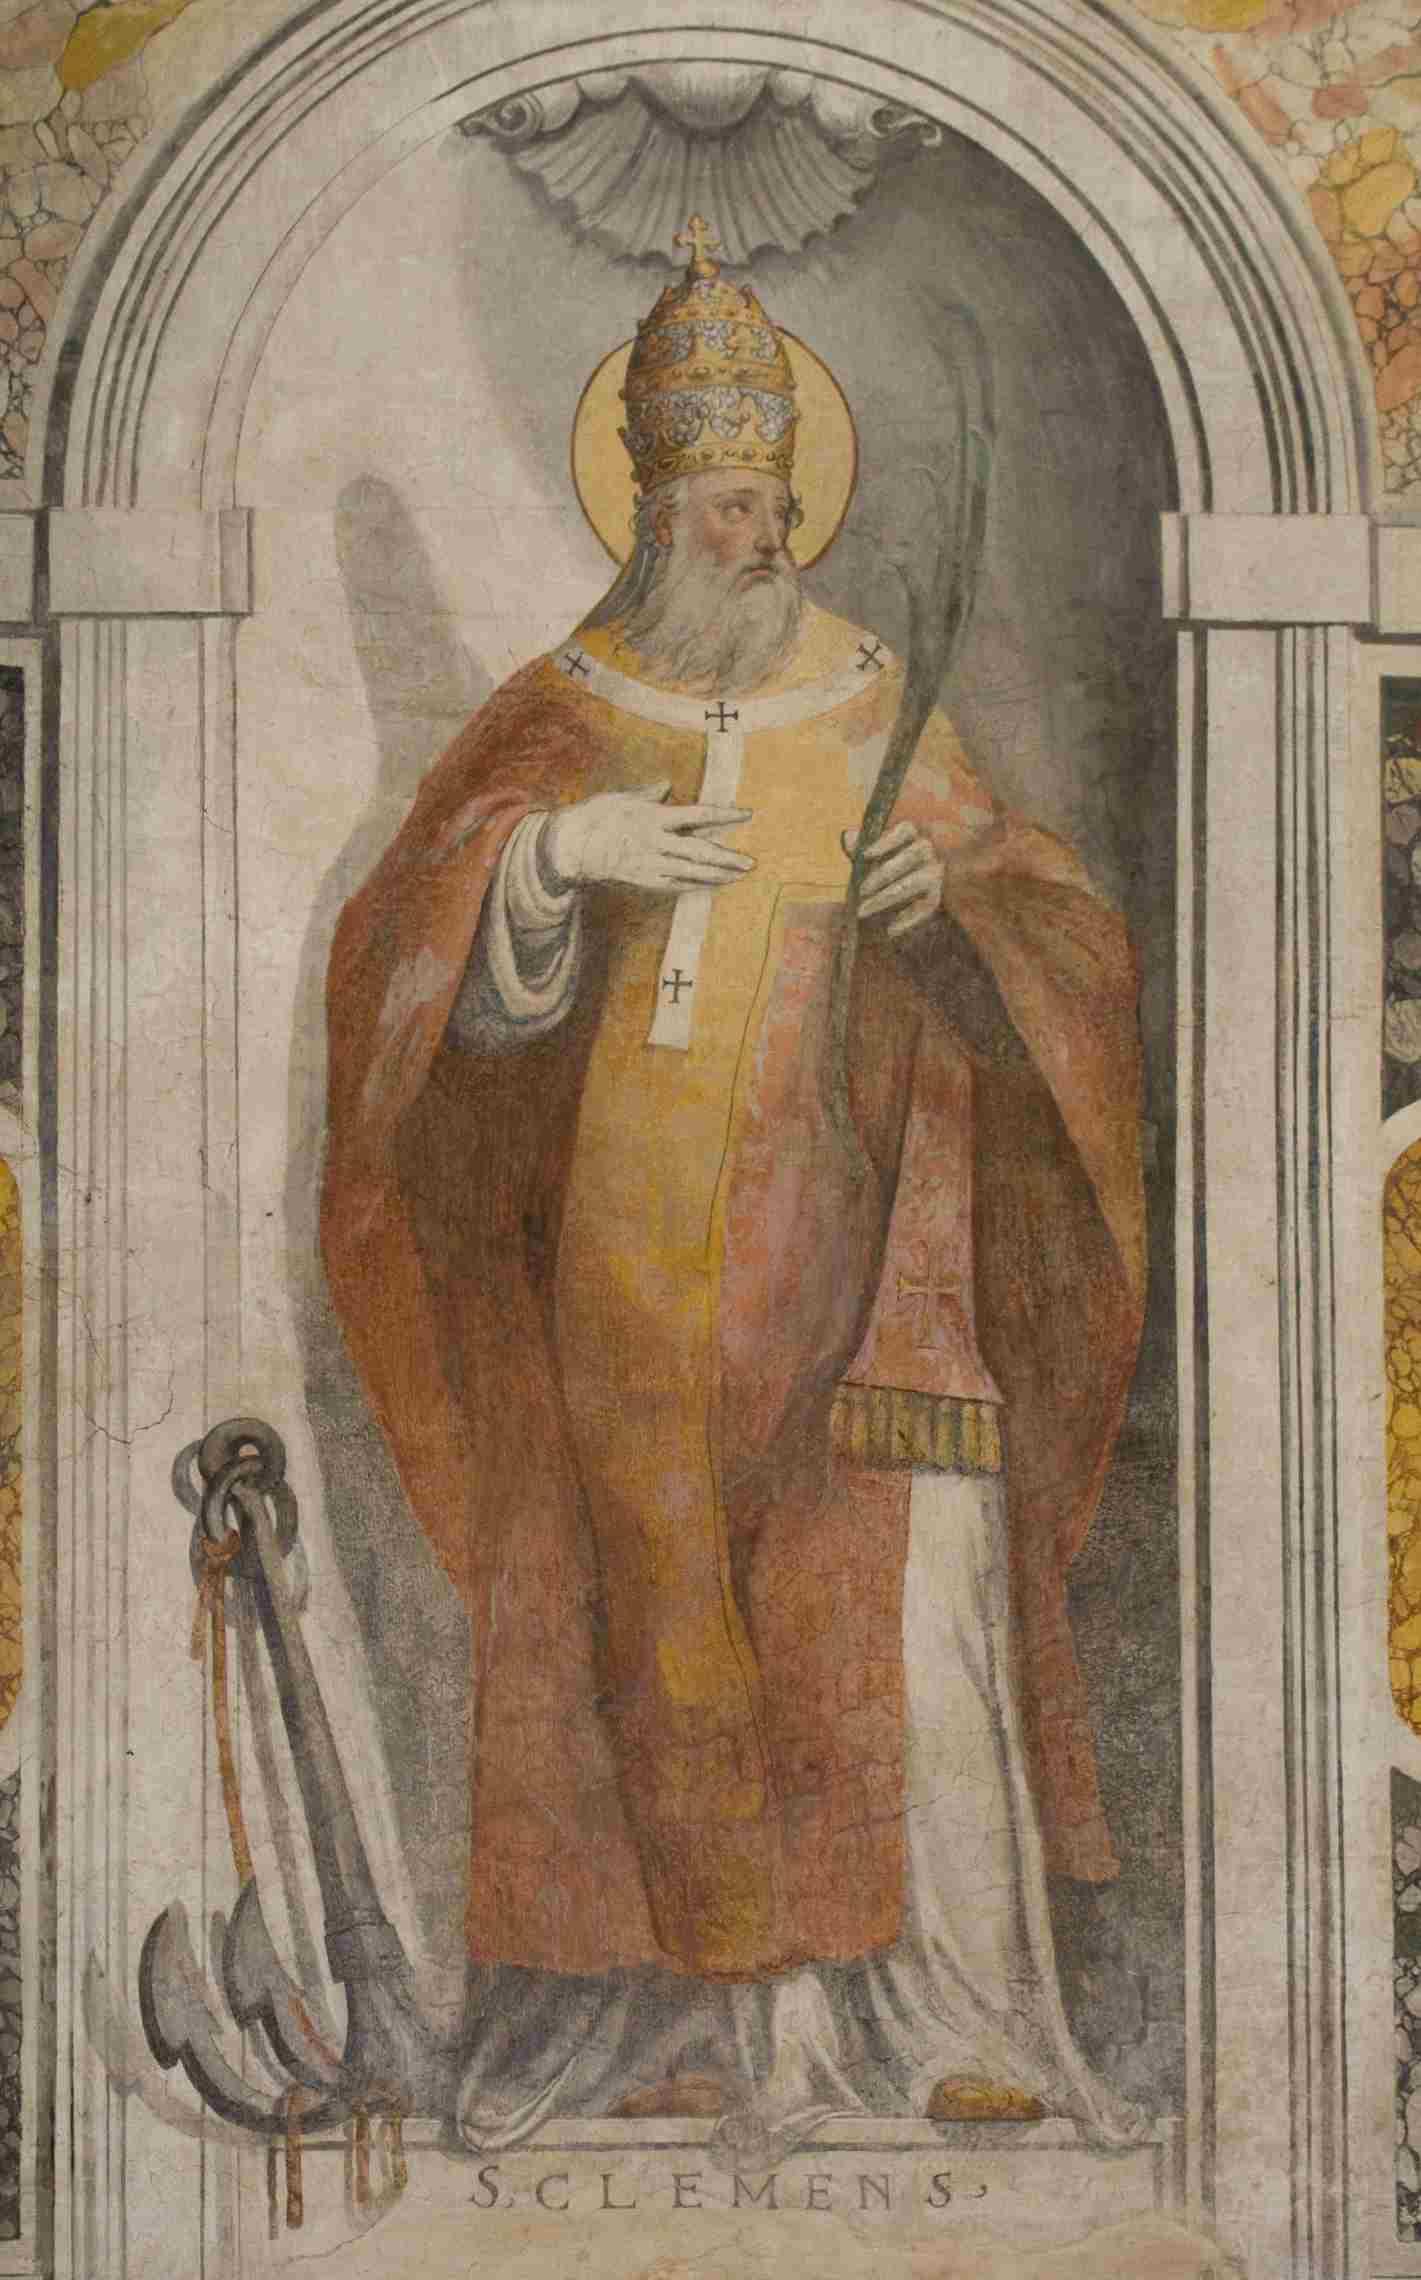 San Clemente Papa krouillong comunion en la mano sacrilegio